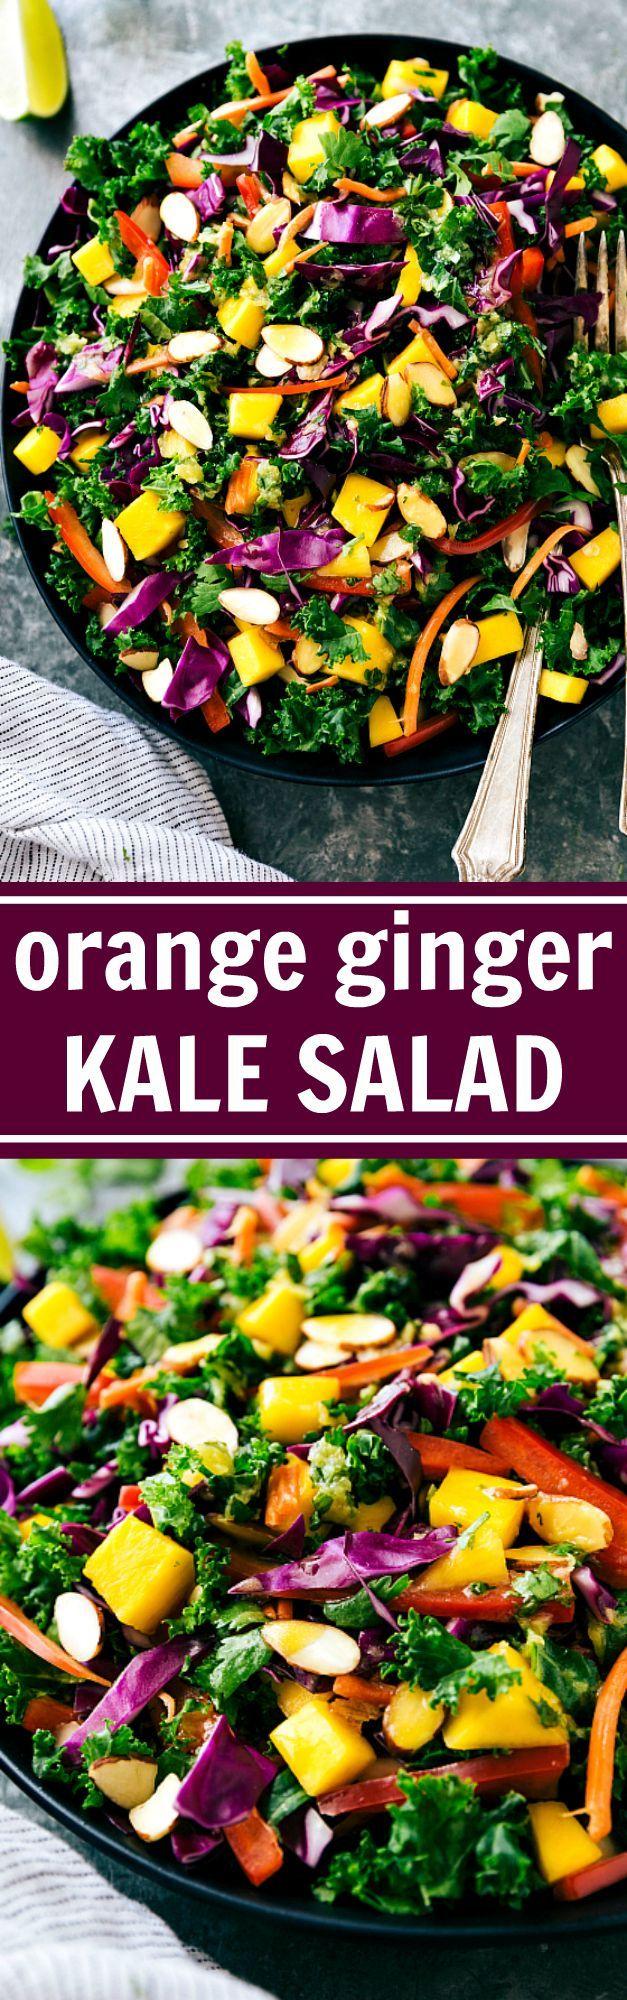 A delicious Orange Ginger Dressed Kale Salad | Posted By: DebbieNet.com |